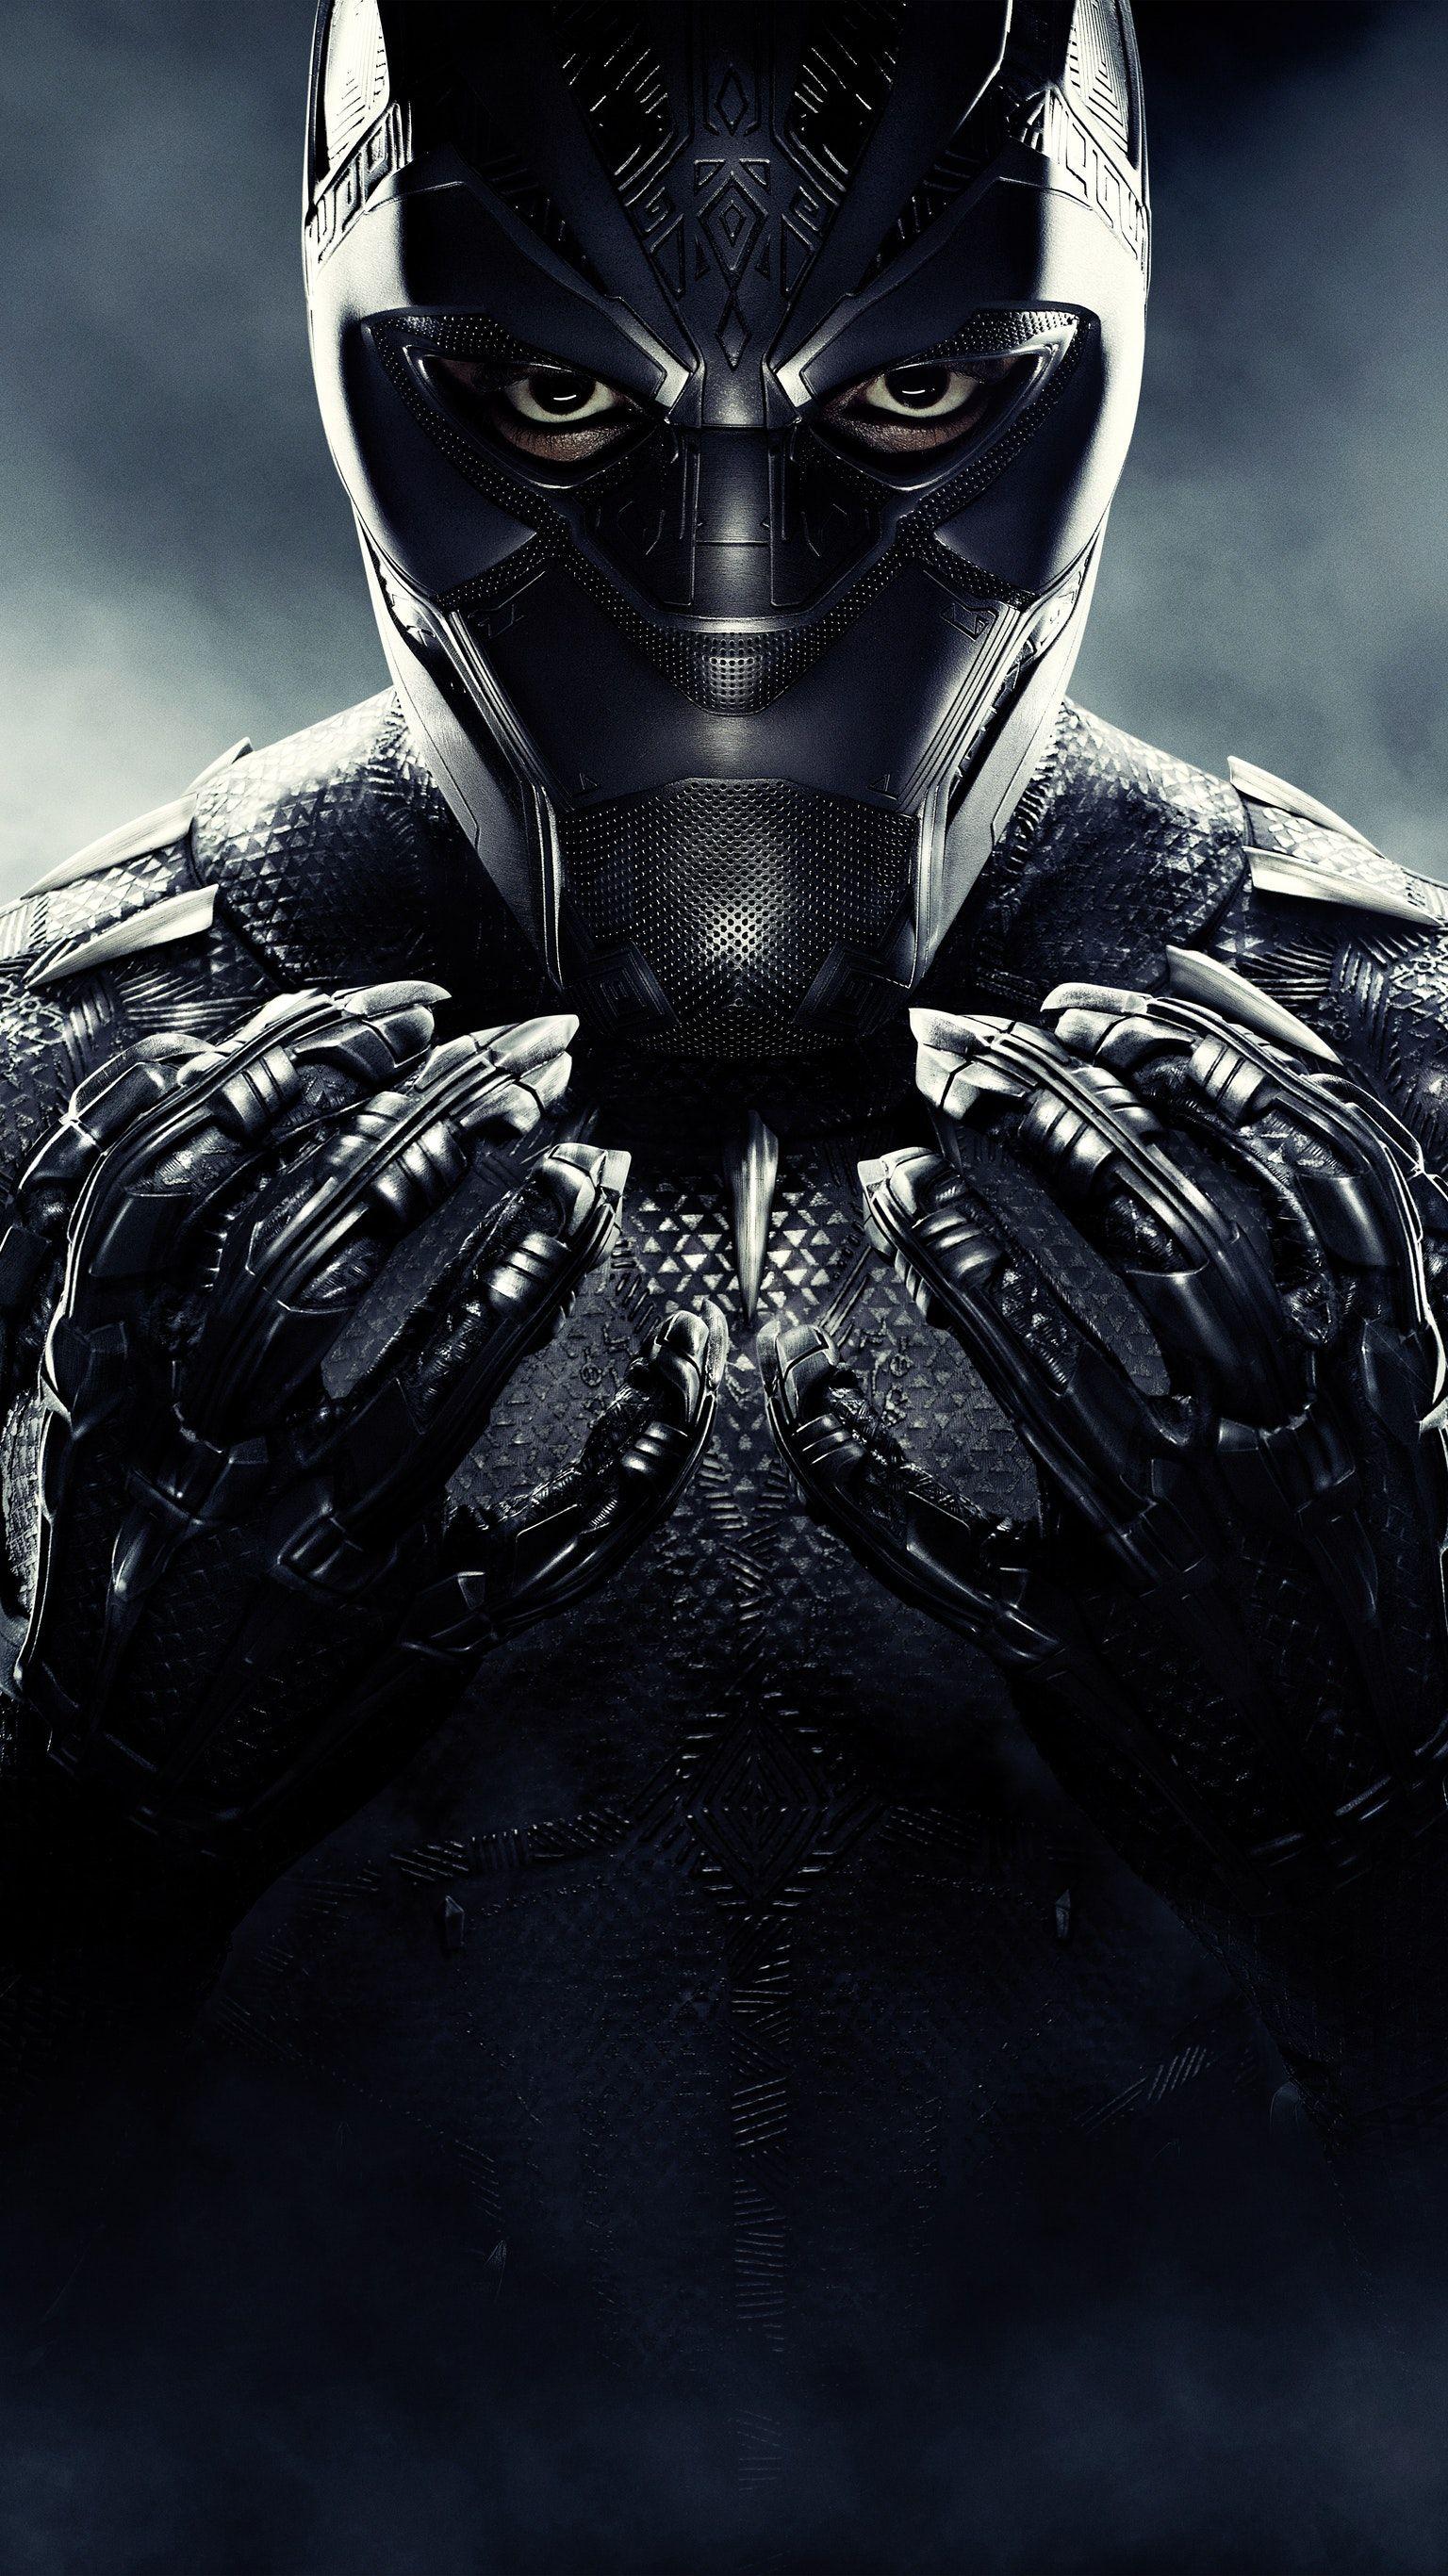 Black Panther (2018) Phone Wallpaper Black panther